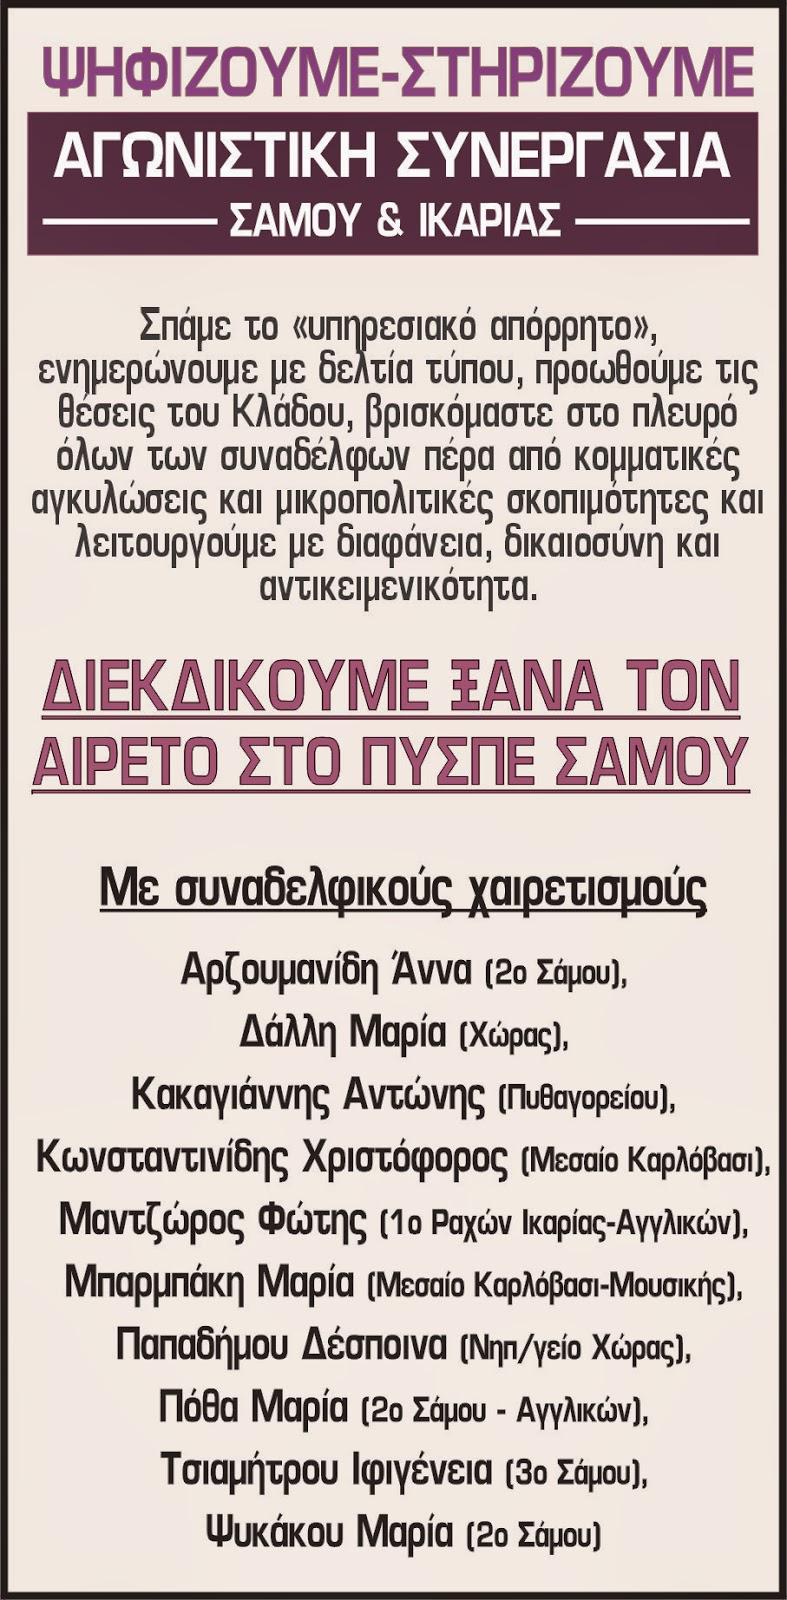 ΤΕΤΑΡΤΗ 5η ΝΟΕΜΒΡΗ ΕΚΛΟΓΕΣ  ΑΙΡΕΤΩΝ